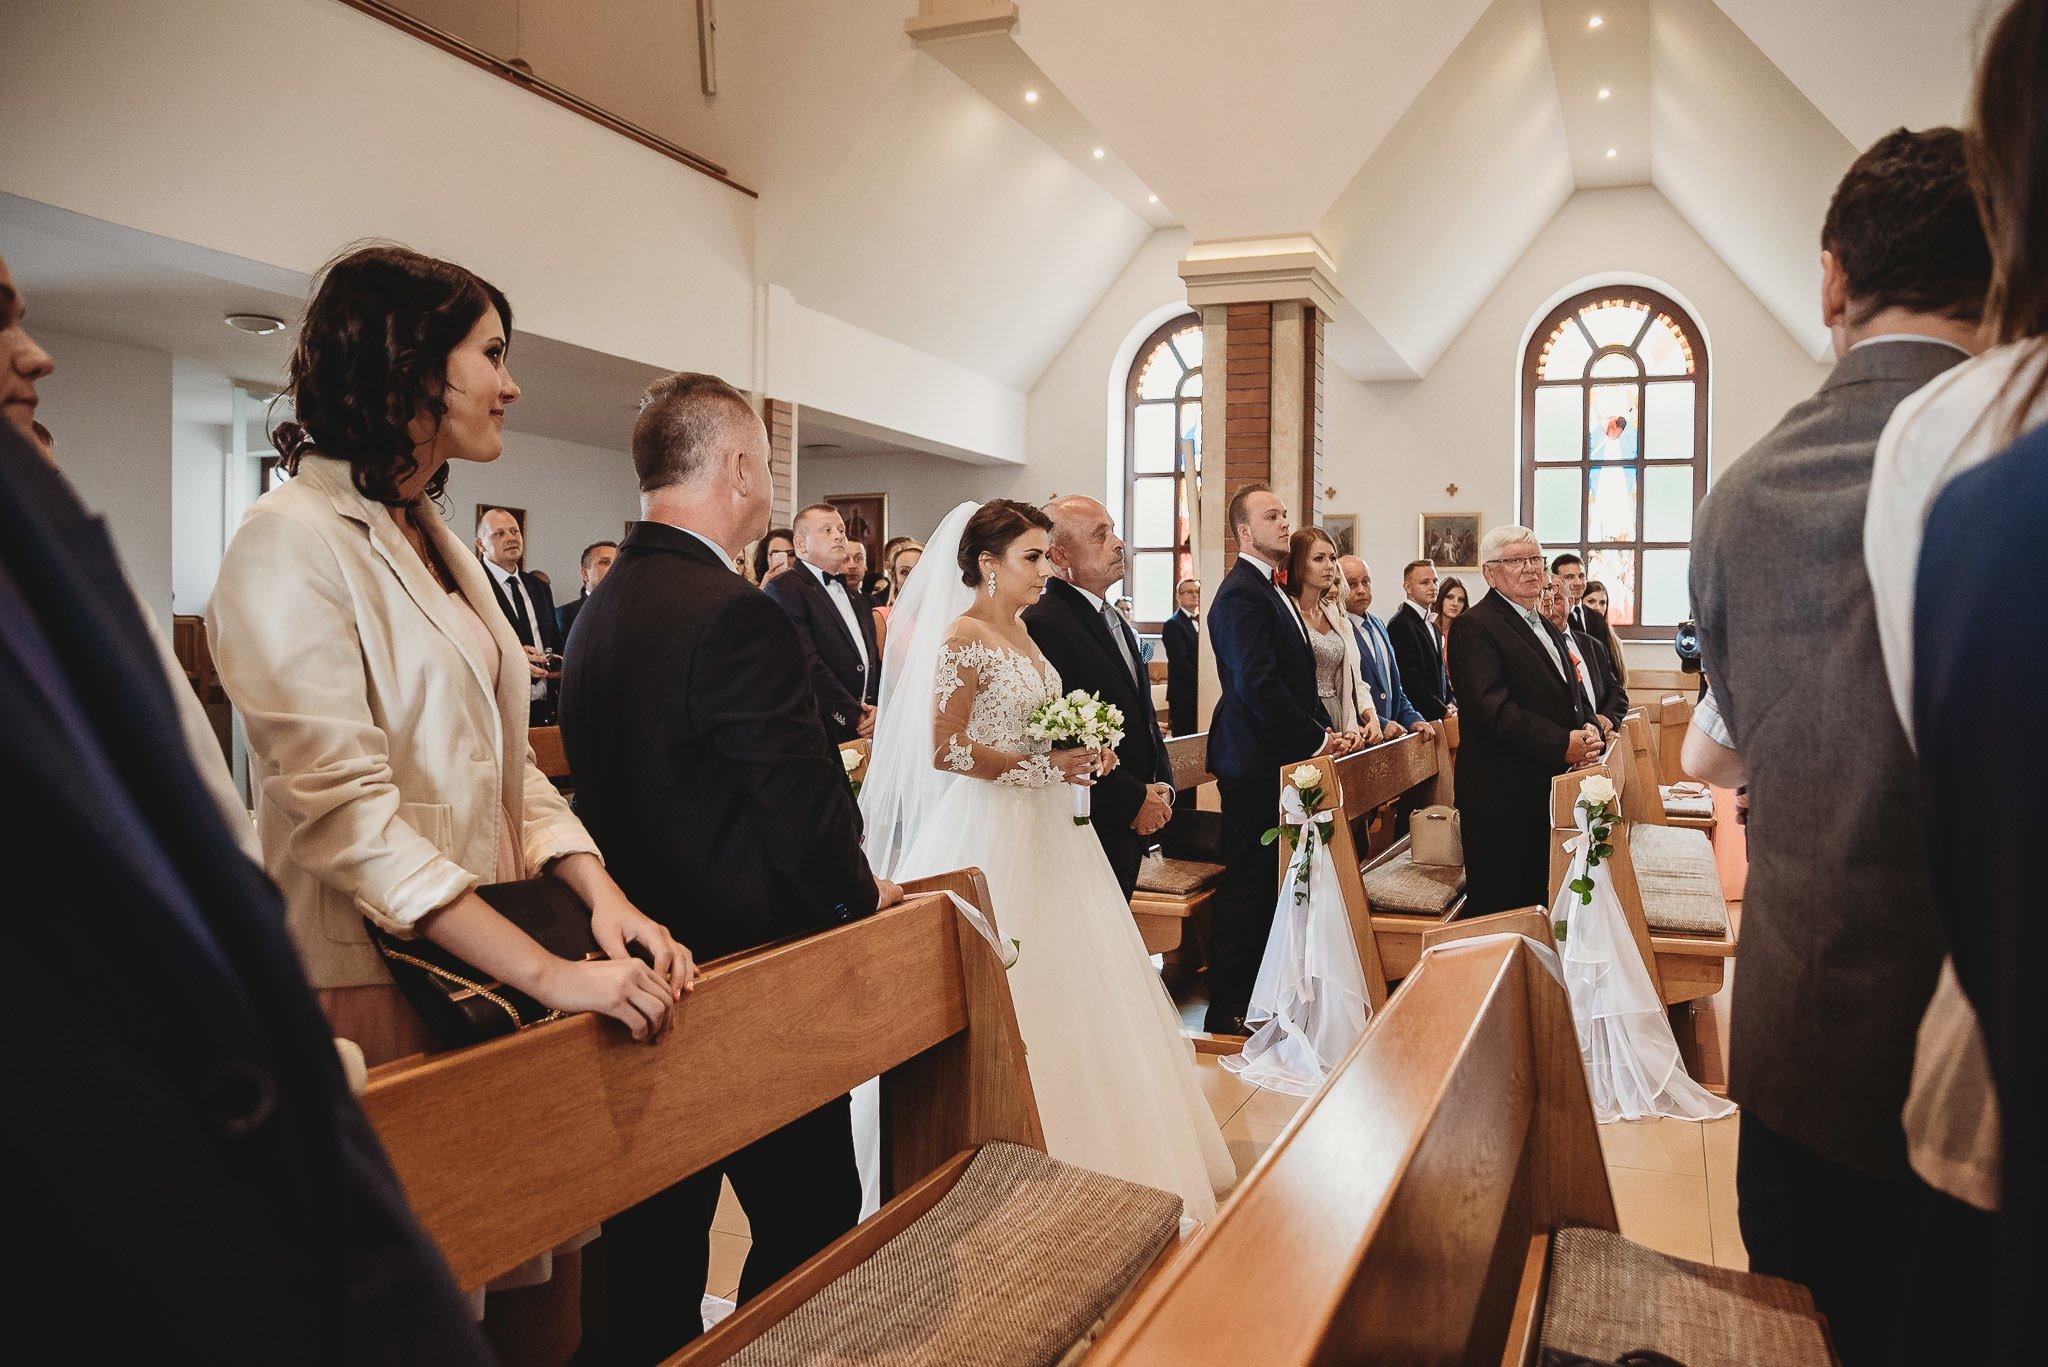 Angelika i Michał, piękne zdjęcia ślubne i sesja plenerowa w Gołuchowie 90